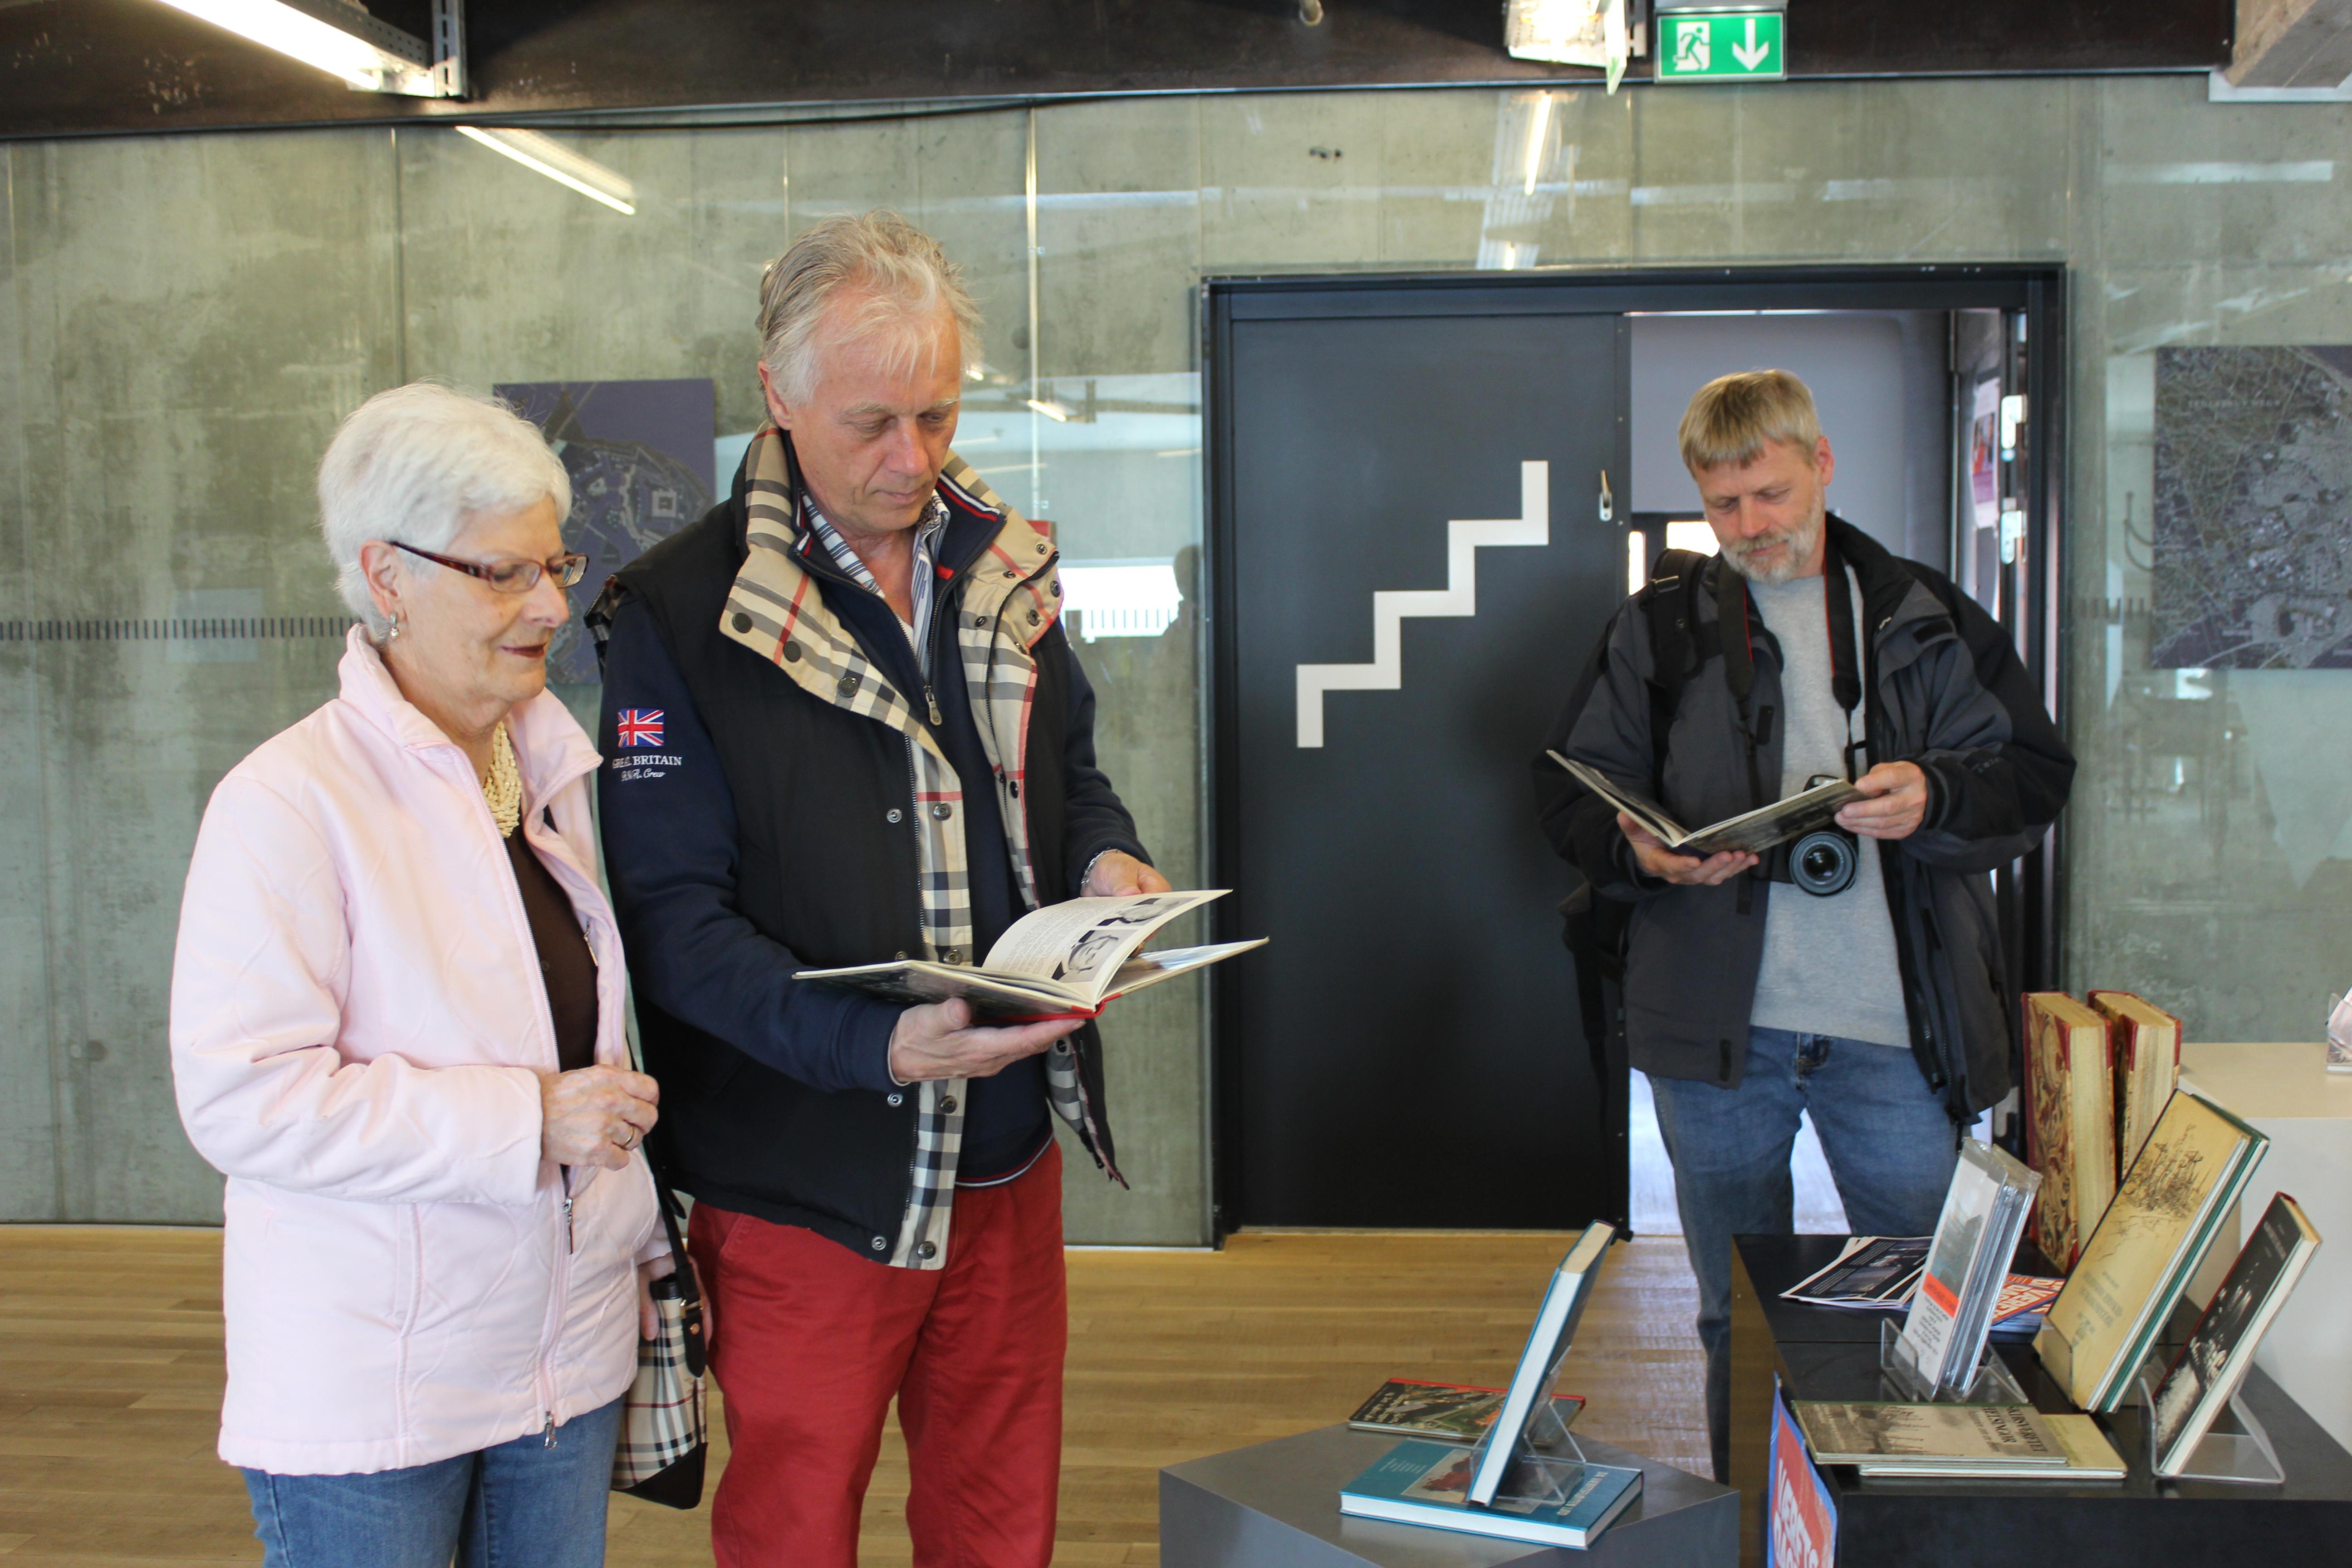 På Biblioteket Kulturværftet steg udlånet af skønlitteratur sidste år med 16 procent i de måneder, hvor biblioteket havde åbent.